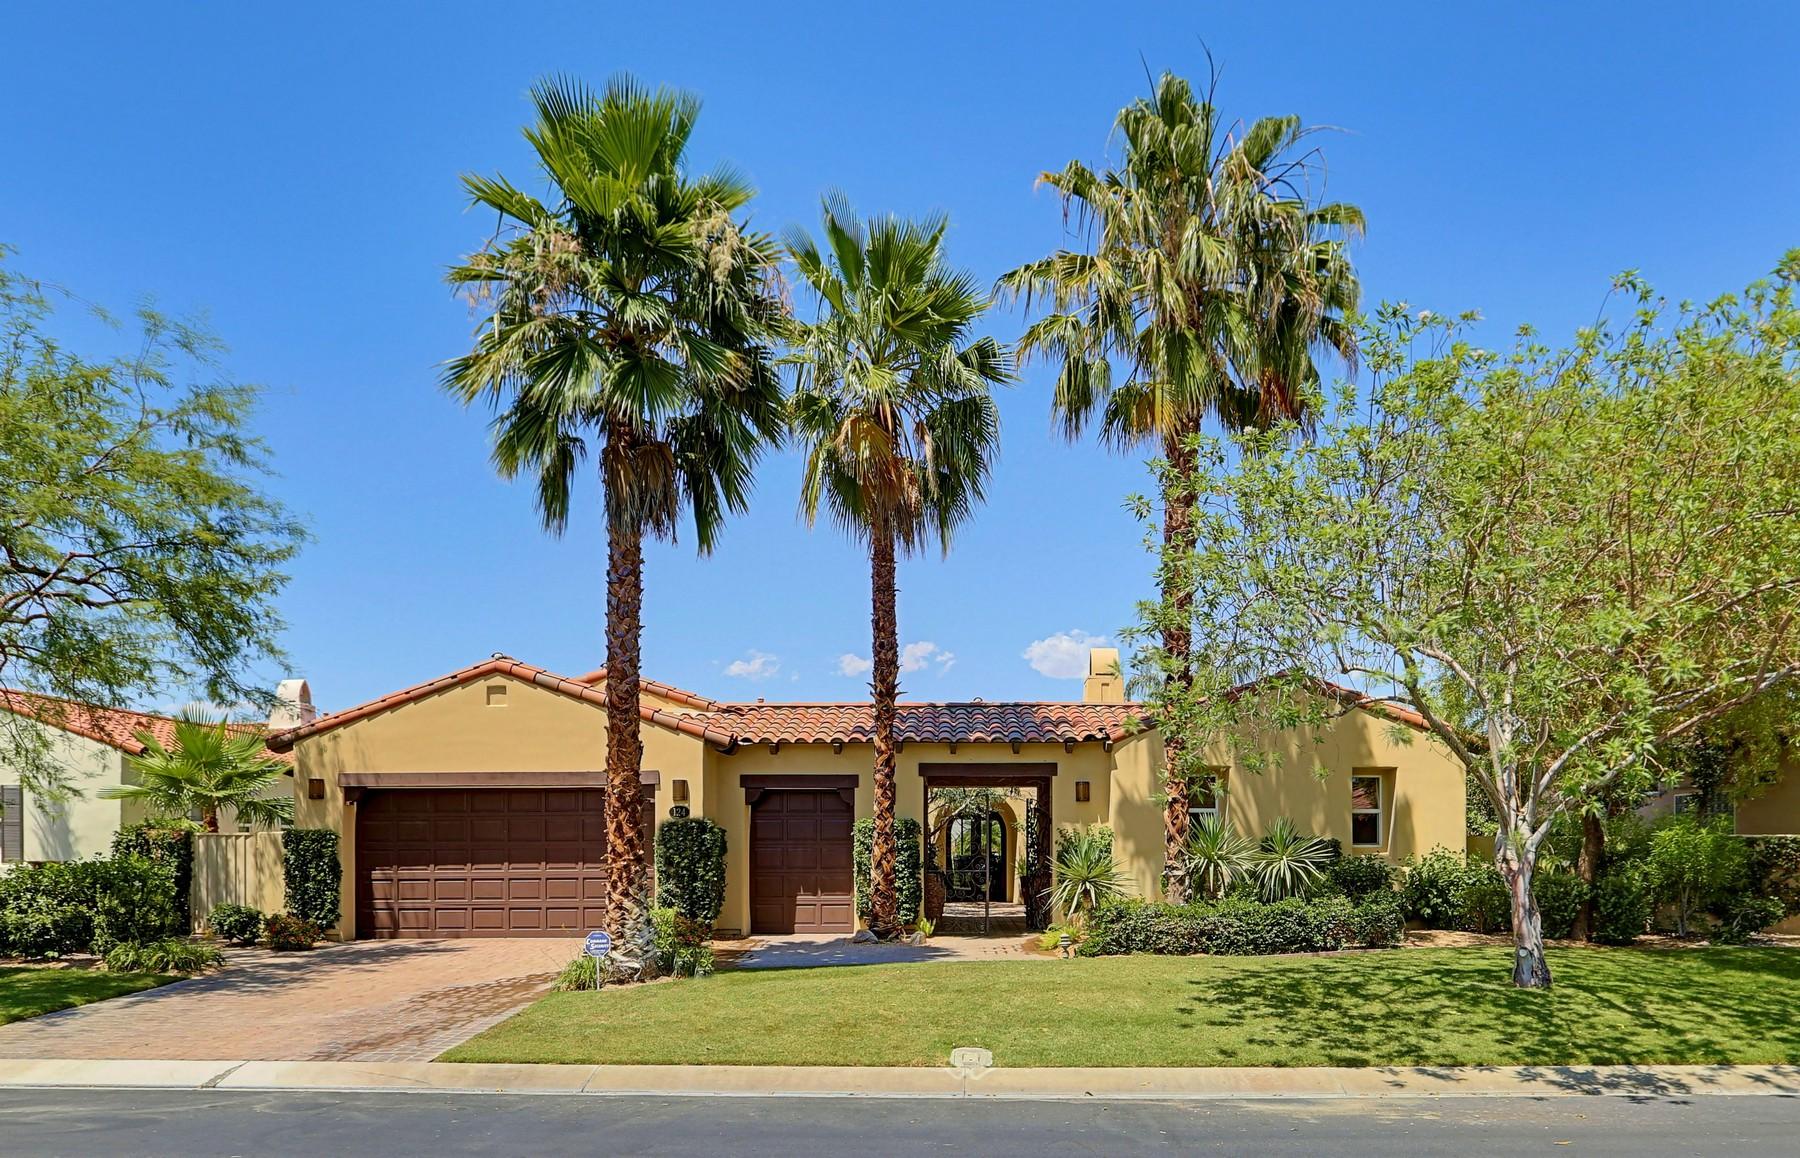 Moradia para Venda às 124 Royal Saint Georges Way Rancho Mirage, Califórnia, 92270 Estados Unidos